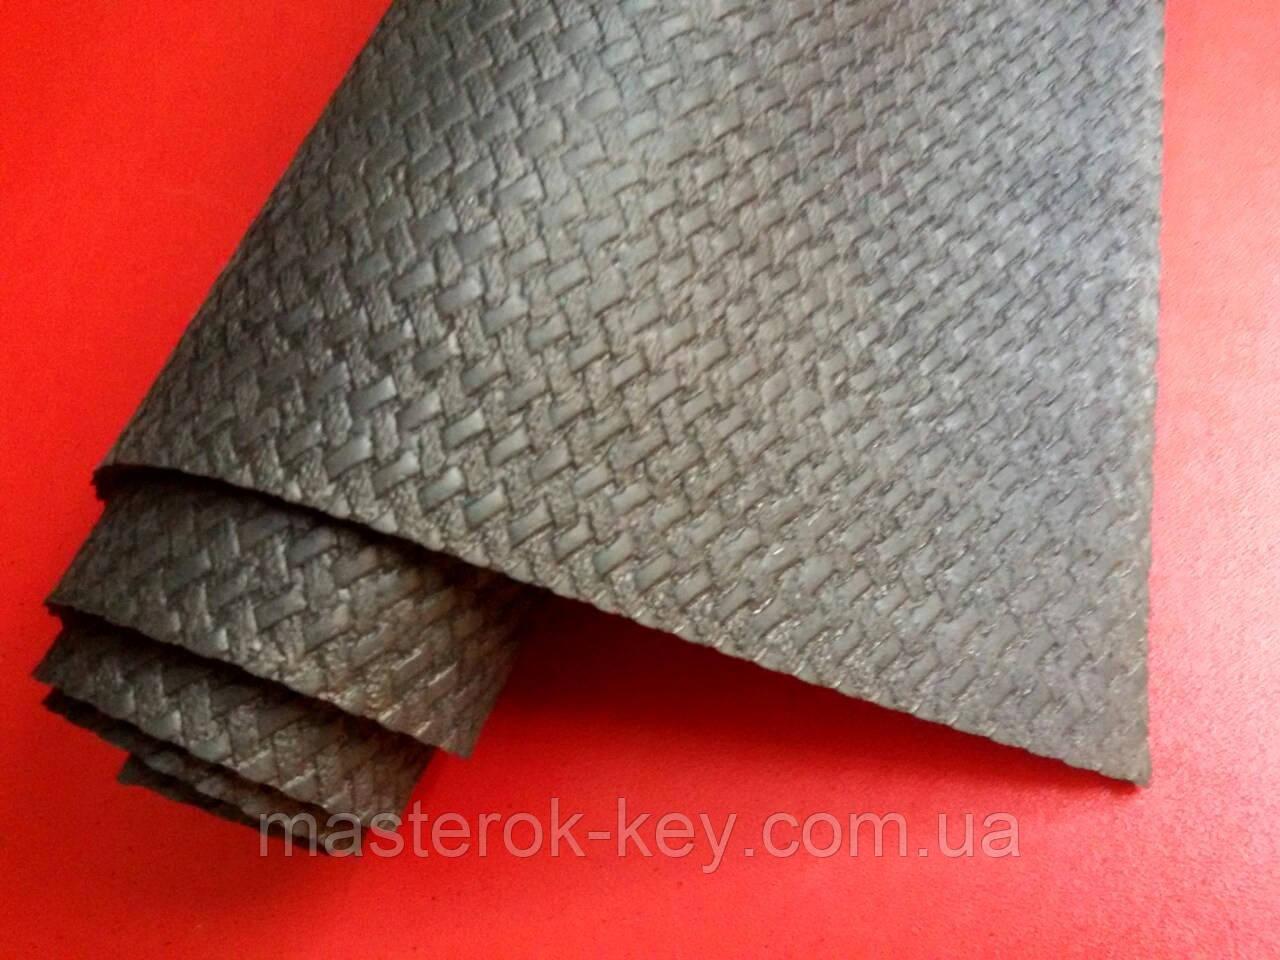 Профилактика листовая КОСИЧКА зашкуренная  Украина 500х630х3 мм цвет чёрный